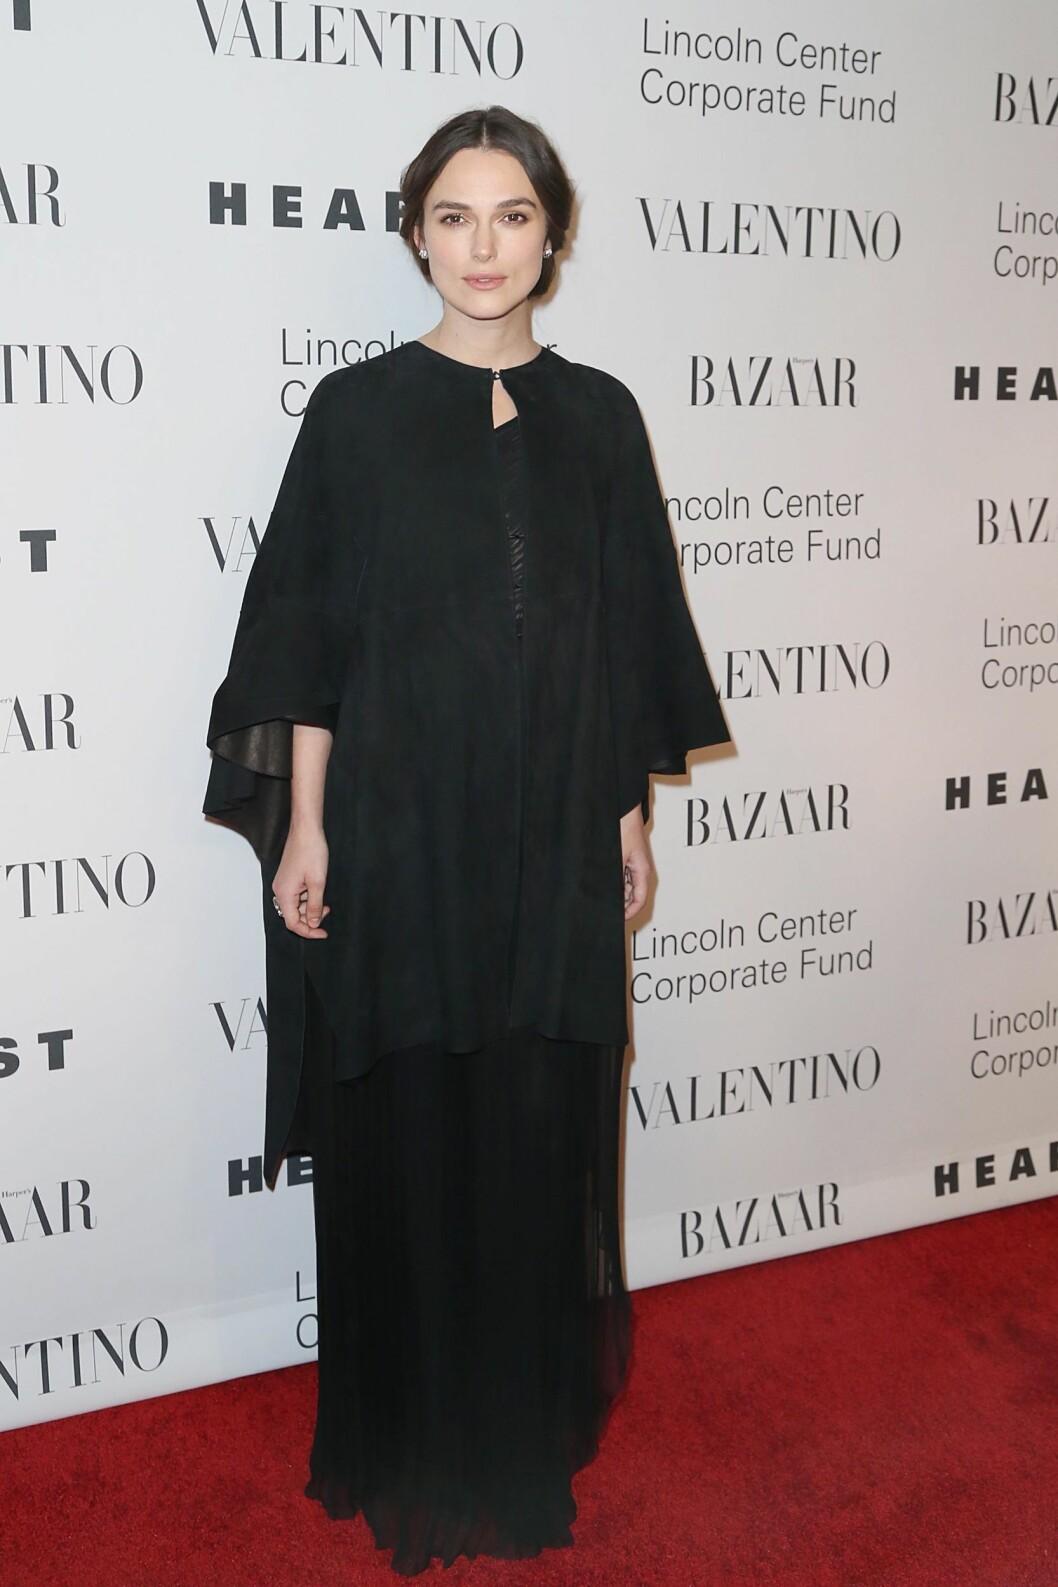 <strong>I HELSORT:</strong> Skuespiller Keira Knightley får kritikk for å ha valgt et lite feststemt antrekk til Valentino-festen. Hun stylet antrekket med enkle smykker og svært diskret sminke. Foto: SipaUSA